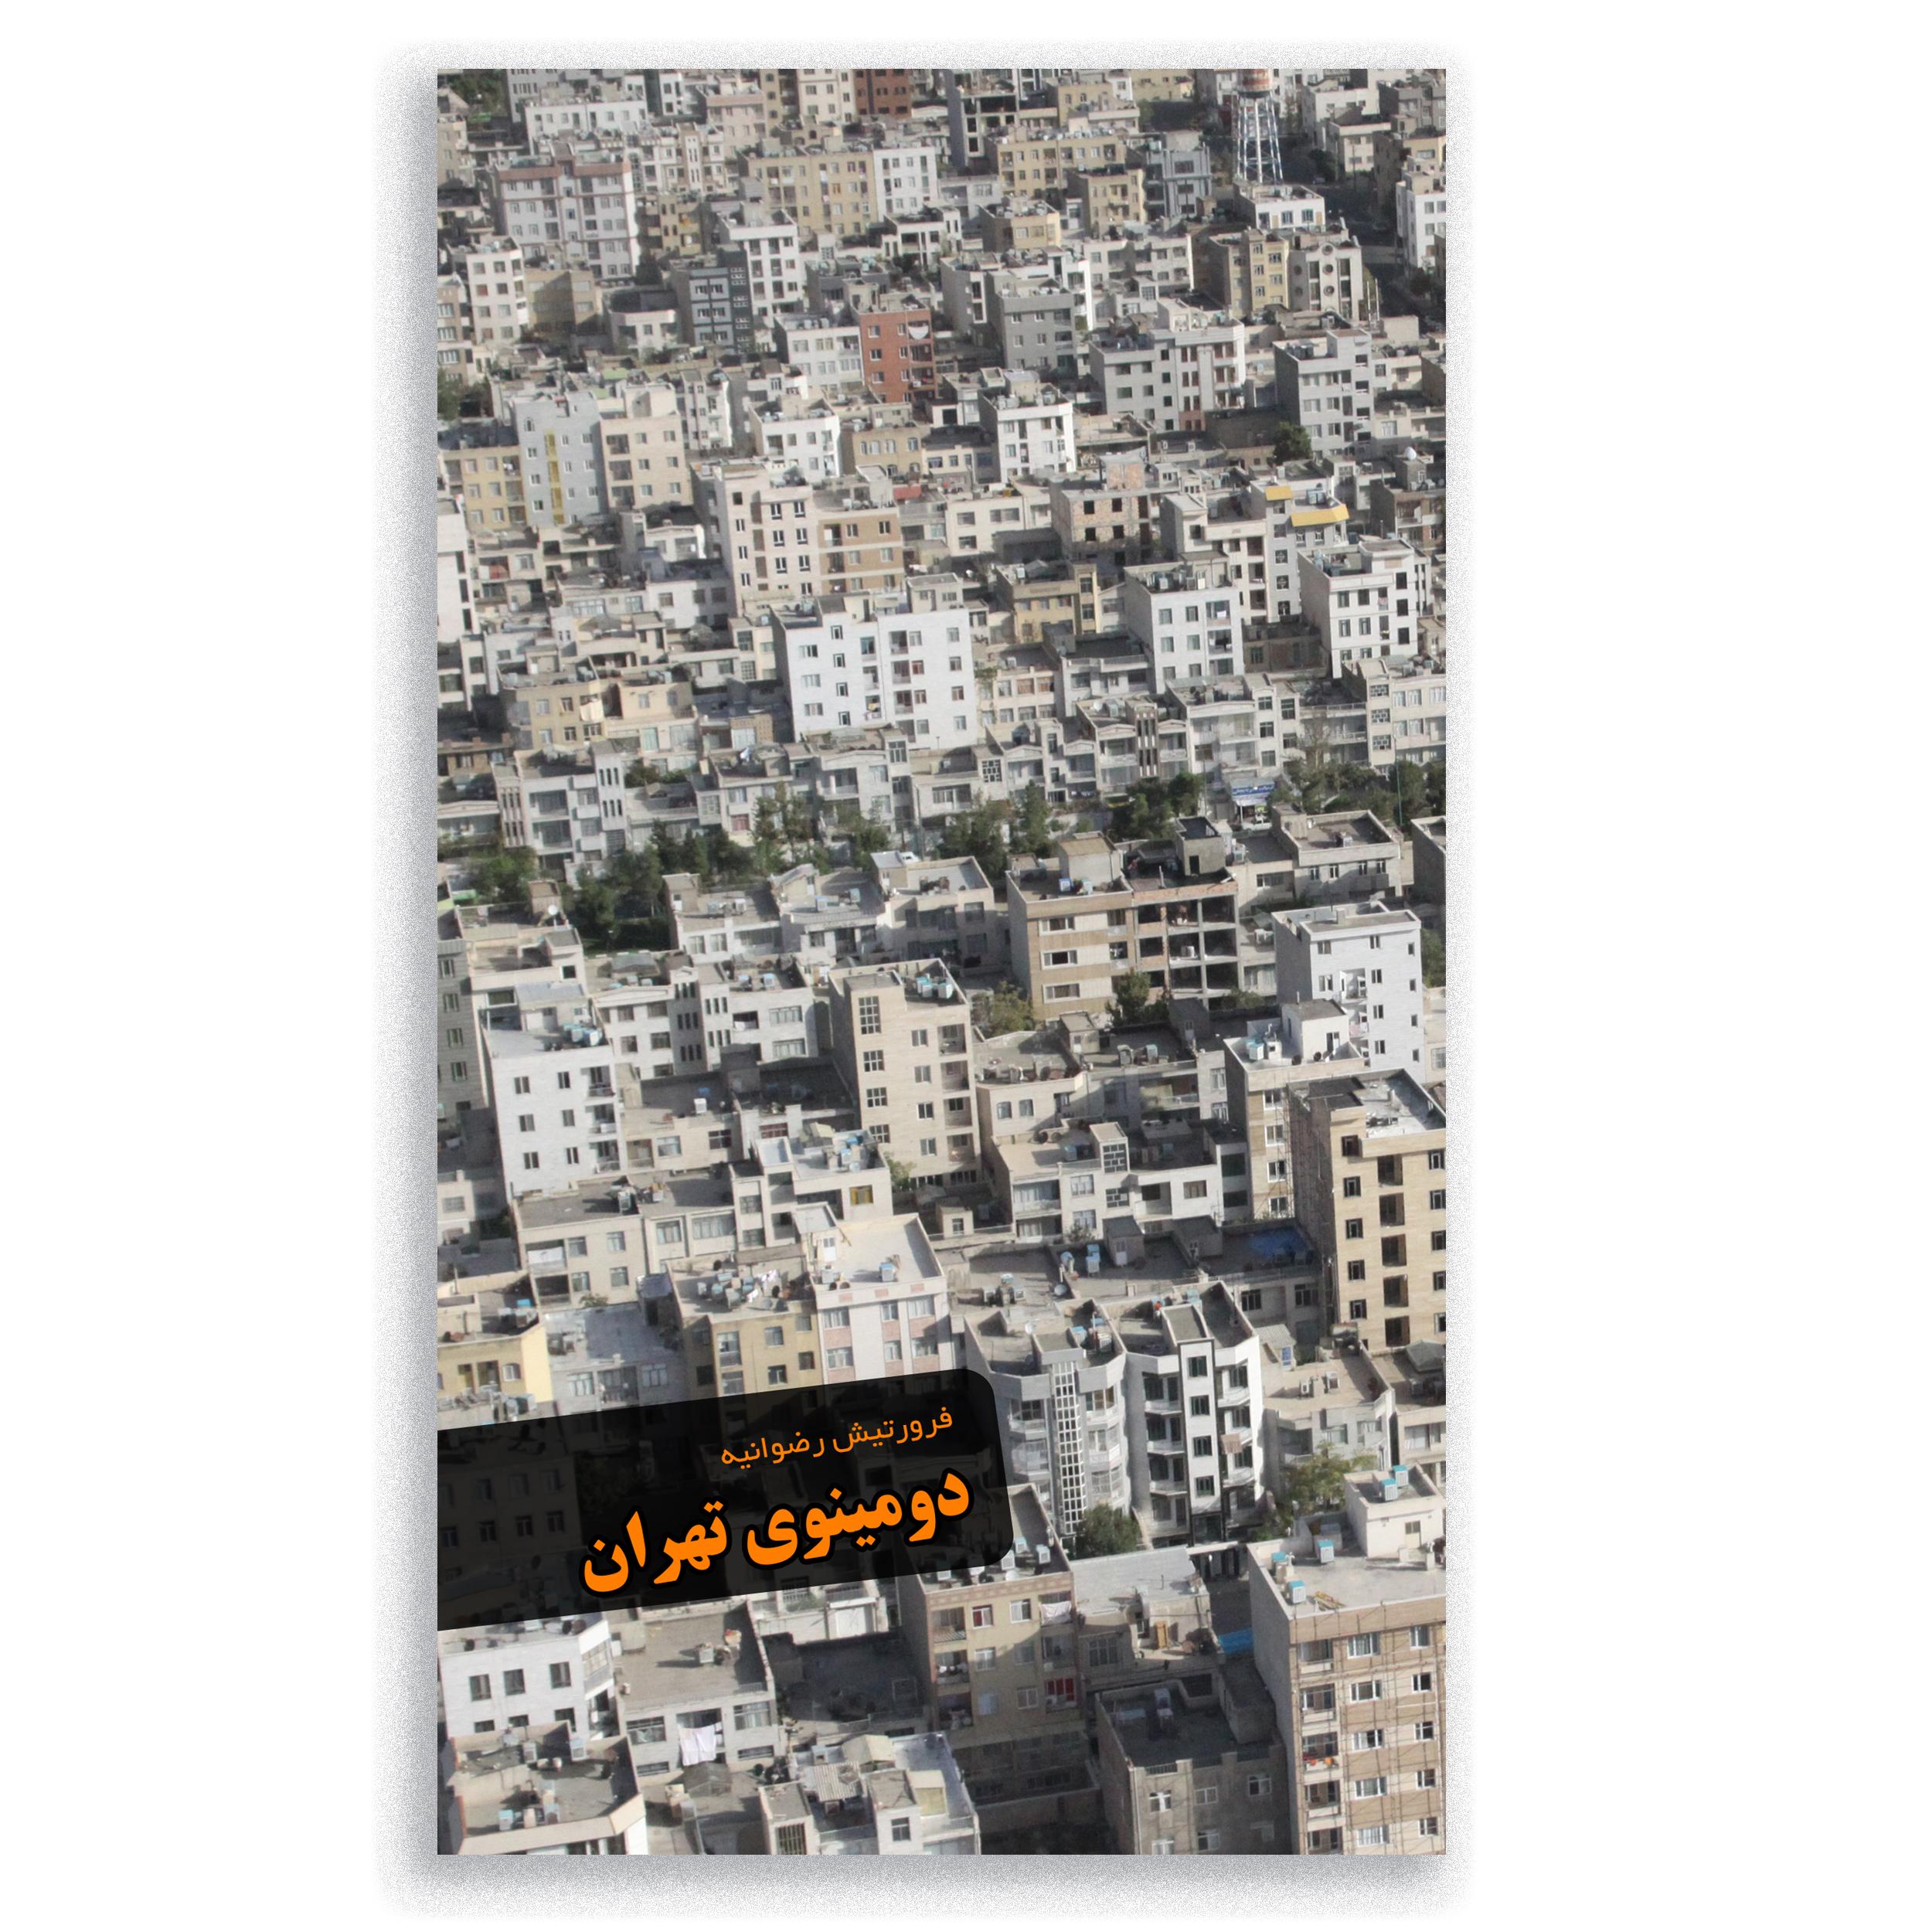 کتاب دومینوی تهران اثر فرورتیش رضوانیه انتشارات صفحه سفید